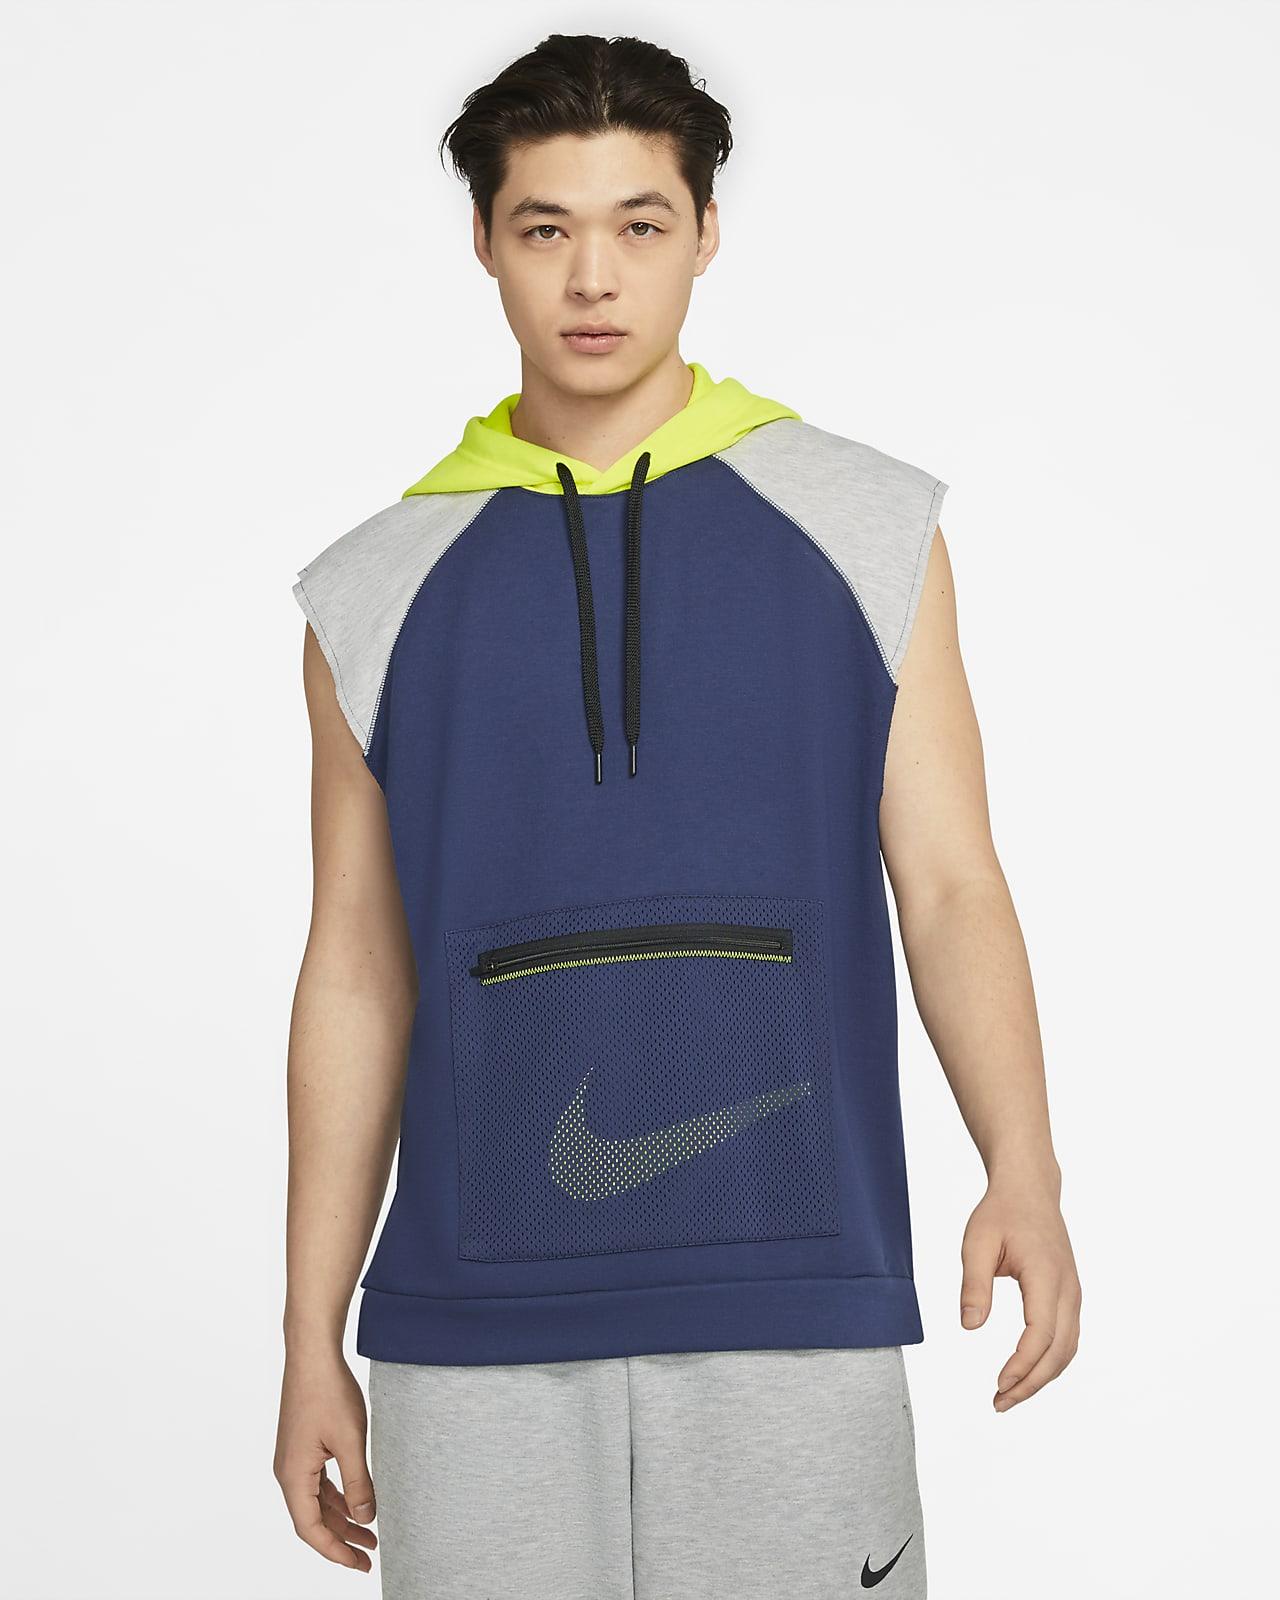 เสื้อเทรนนิ่งมีฮู้ดผ้าฟลีซแขนกุดผู้ชาย Nike Dri-FIT